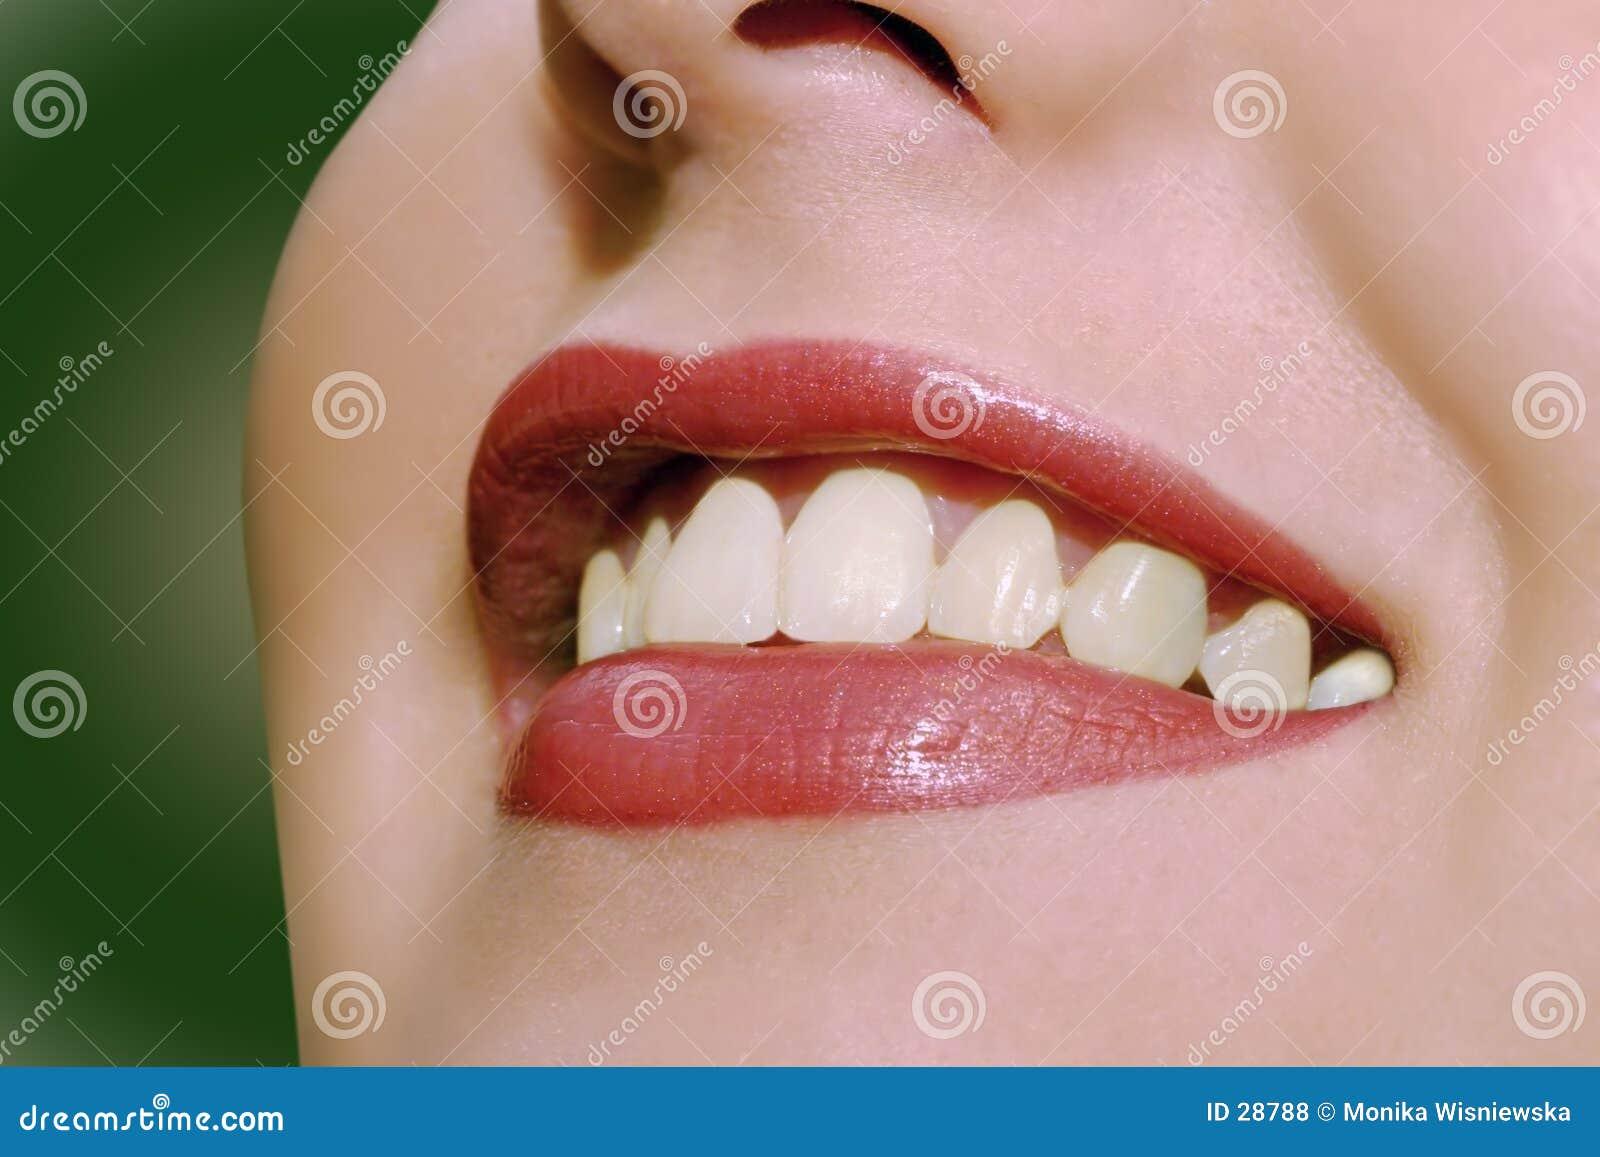 Lips - So Happy!